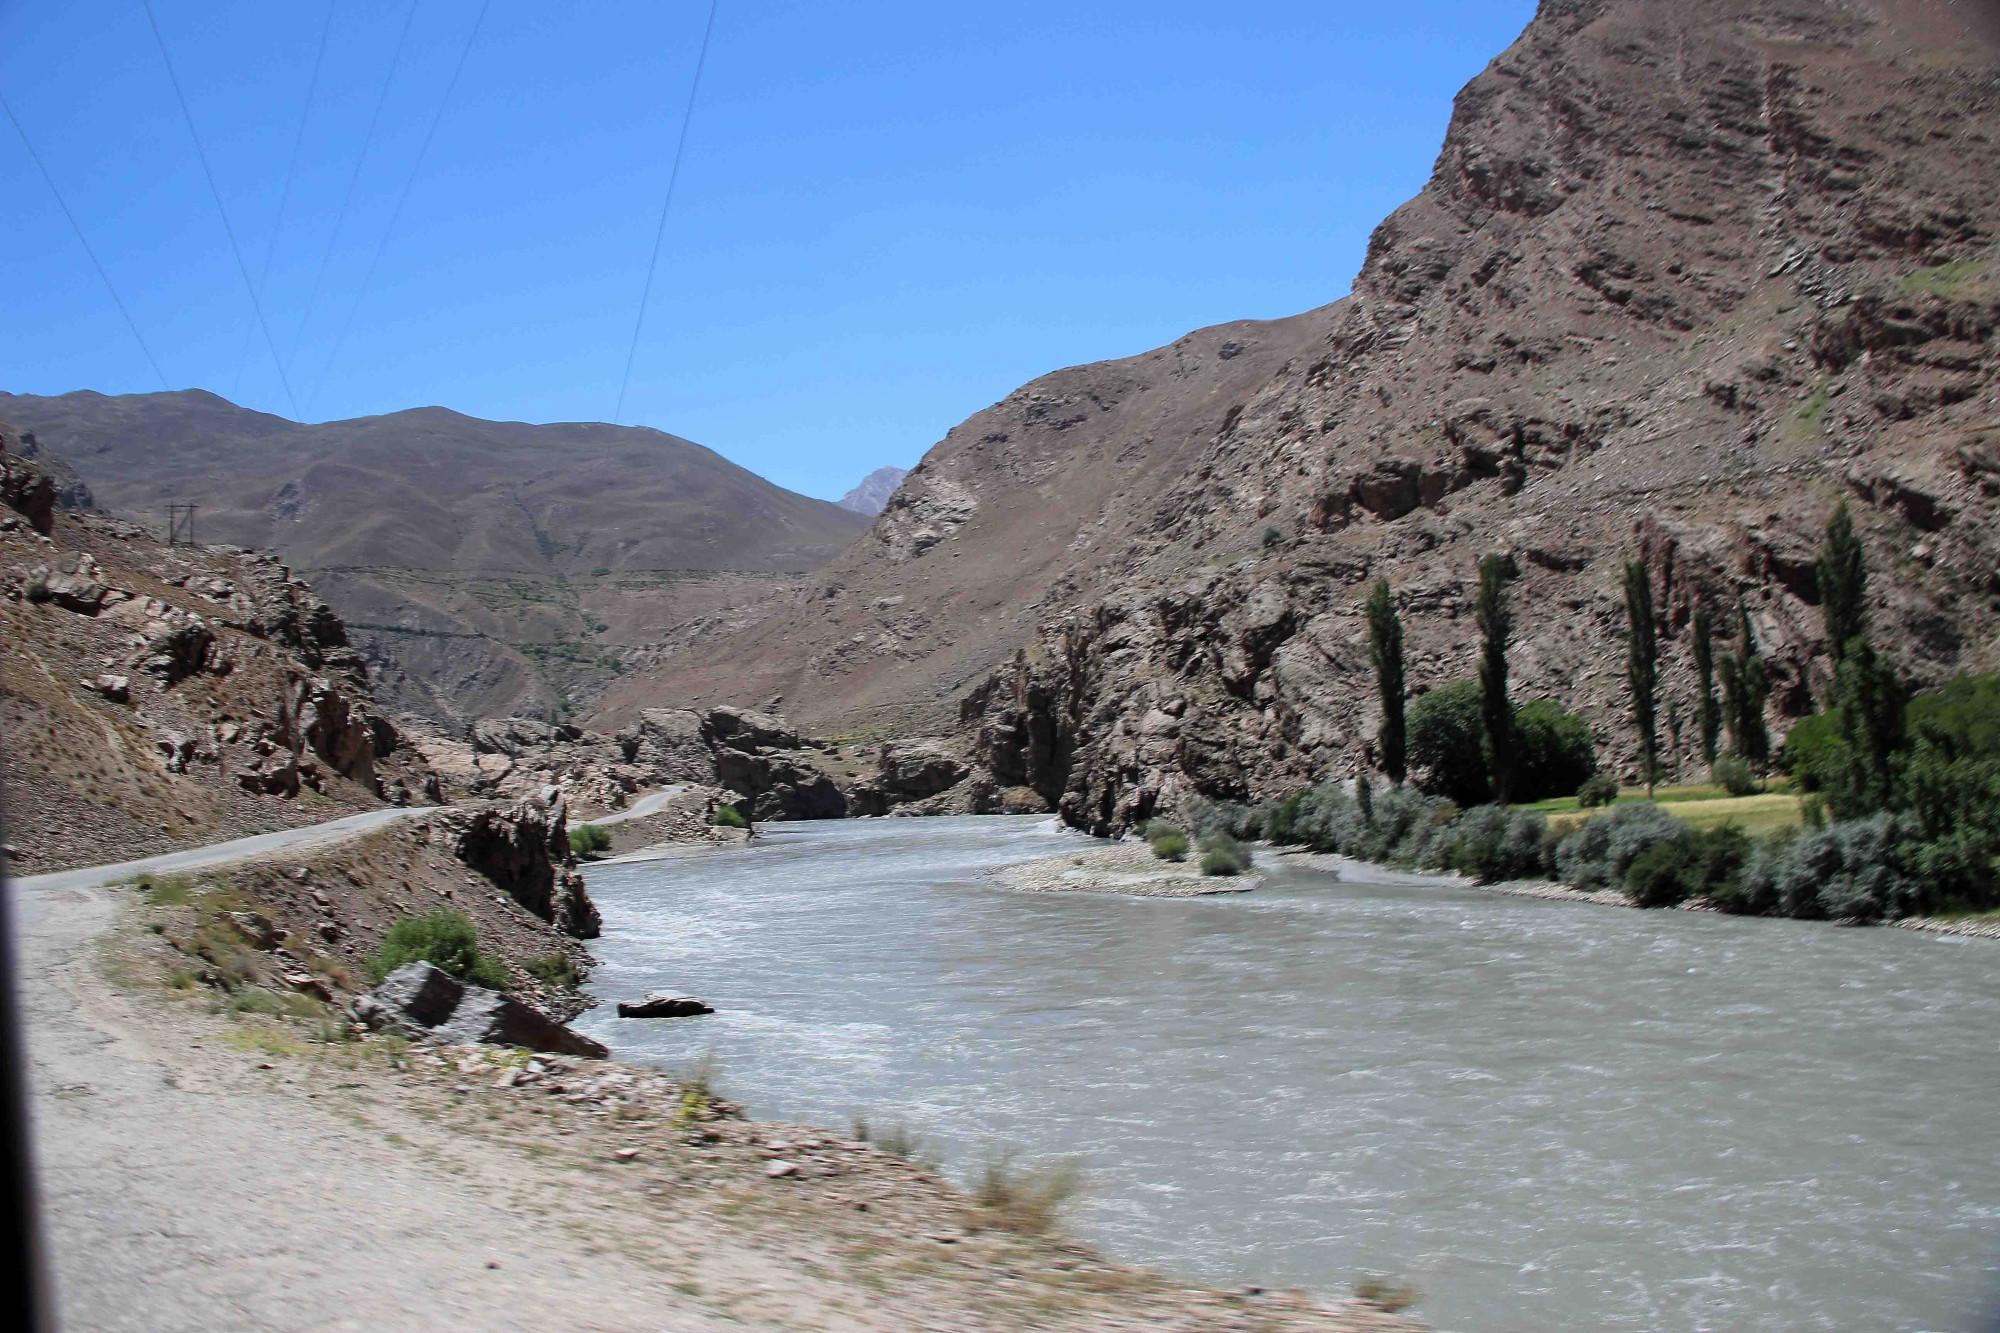 таджикистан файзабад картинки россии снг